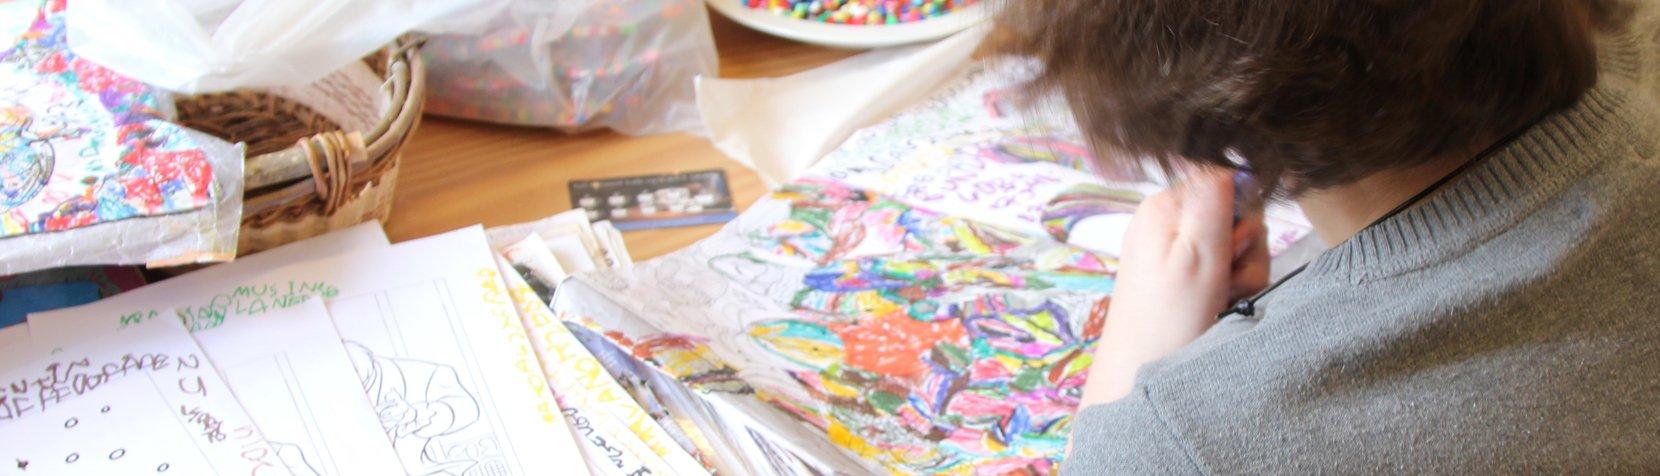 En af aktiviteterne i vores dagtilbud er tegning